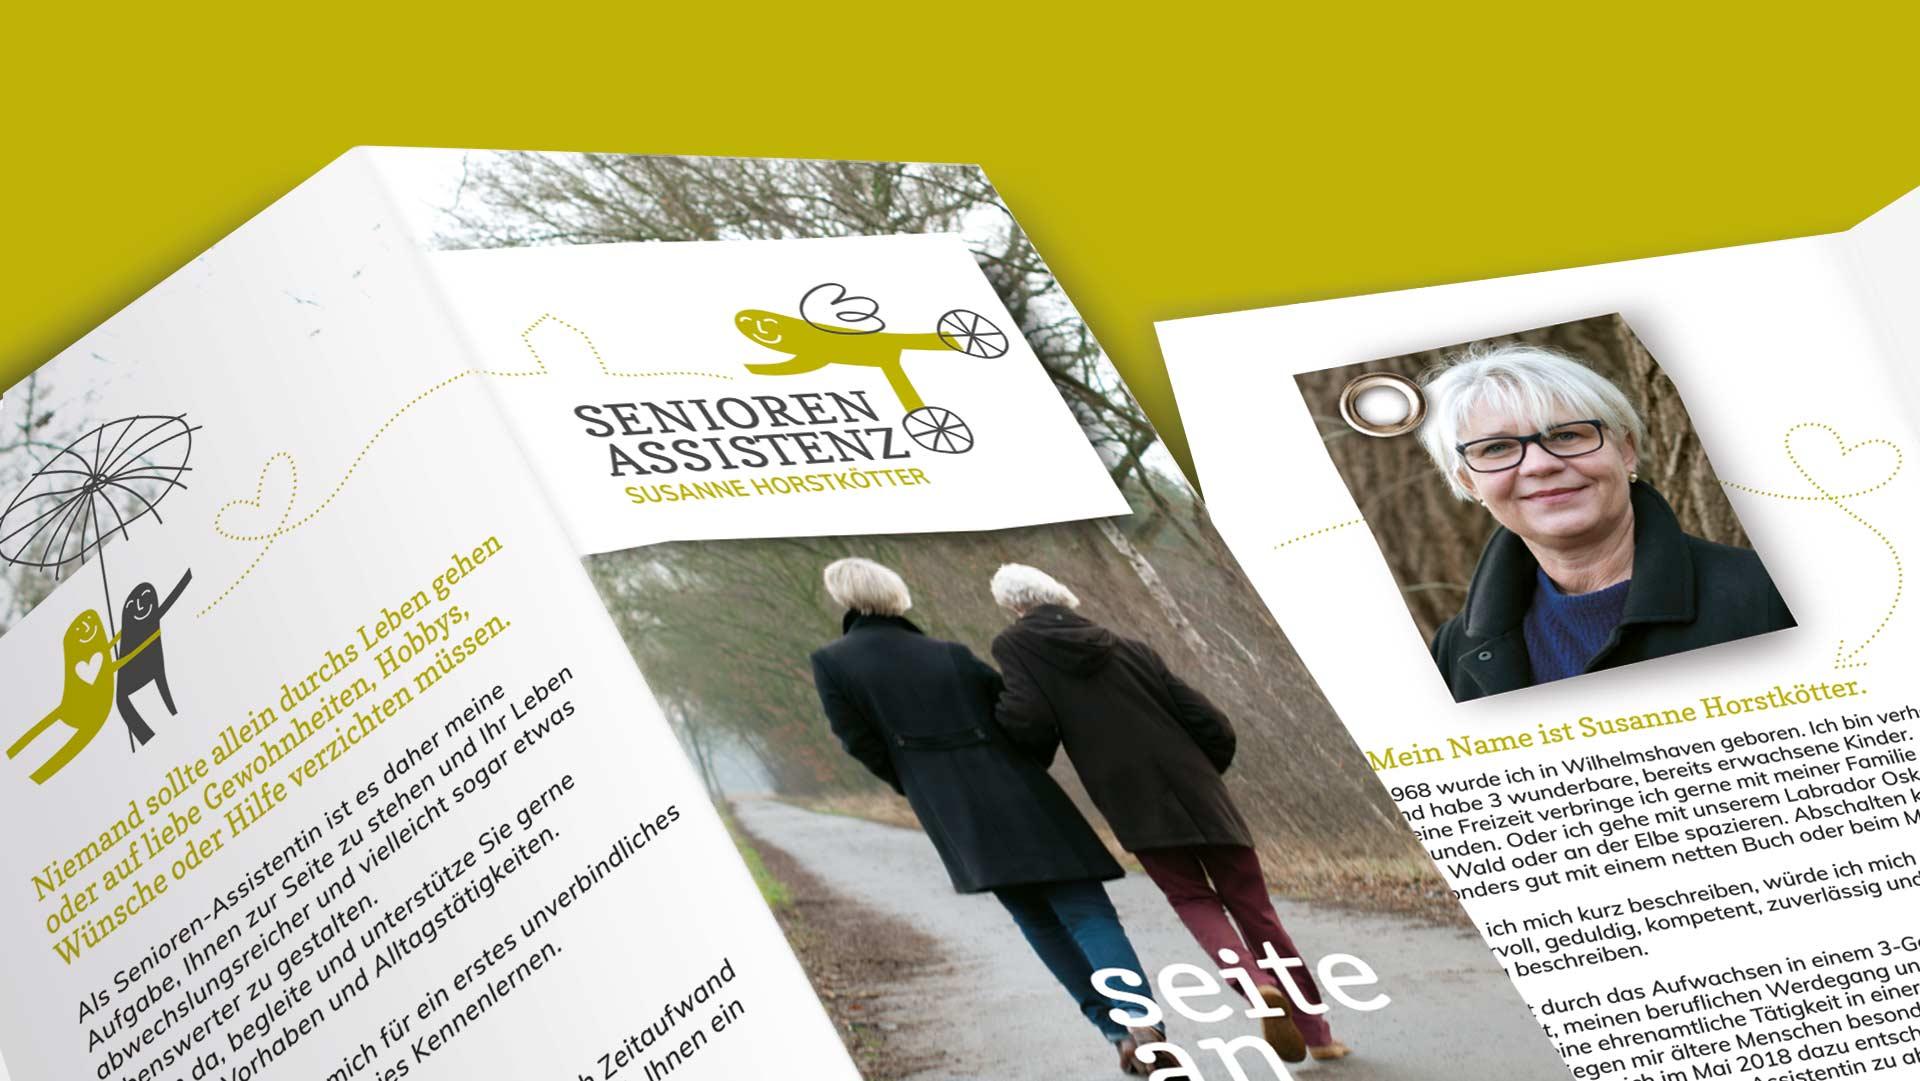 Folder Vorder- und Rückseite der Seniorenassistenz Susanne Horstkötter